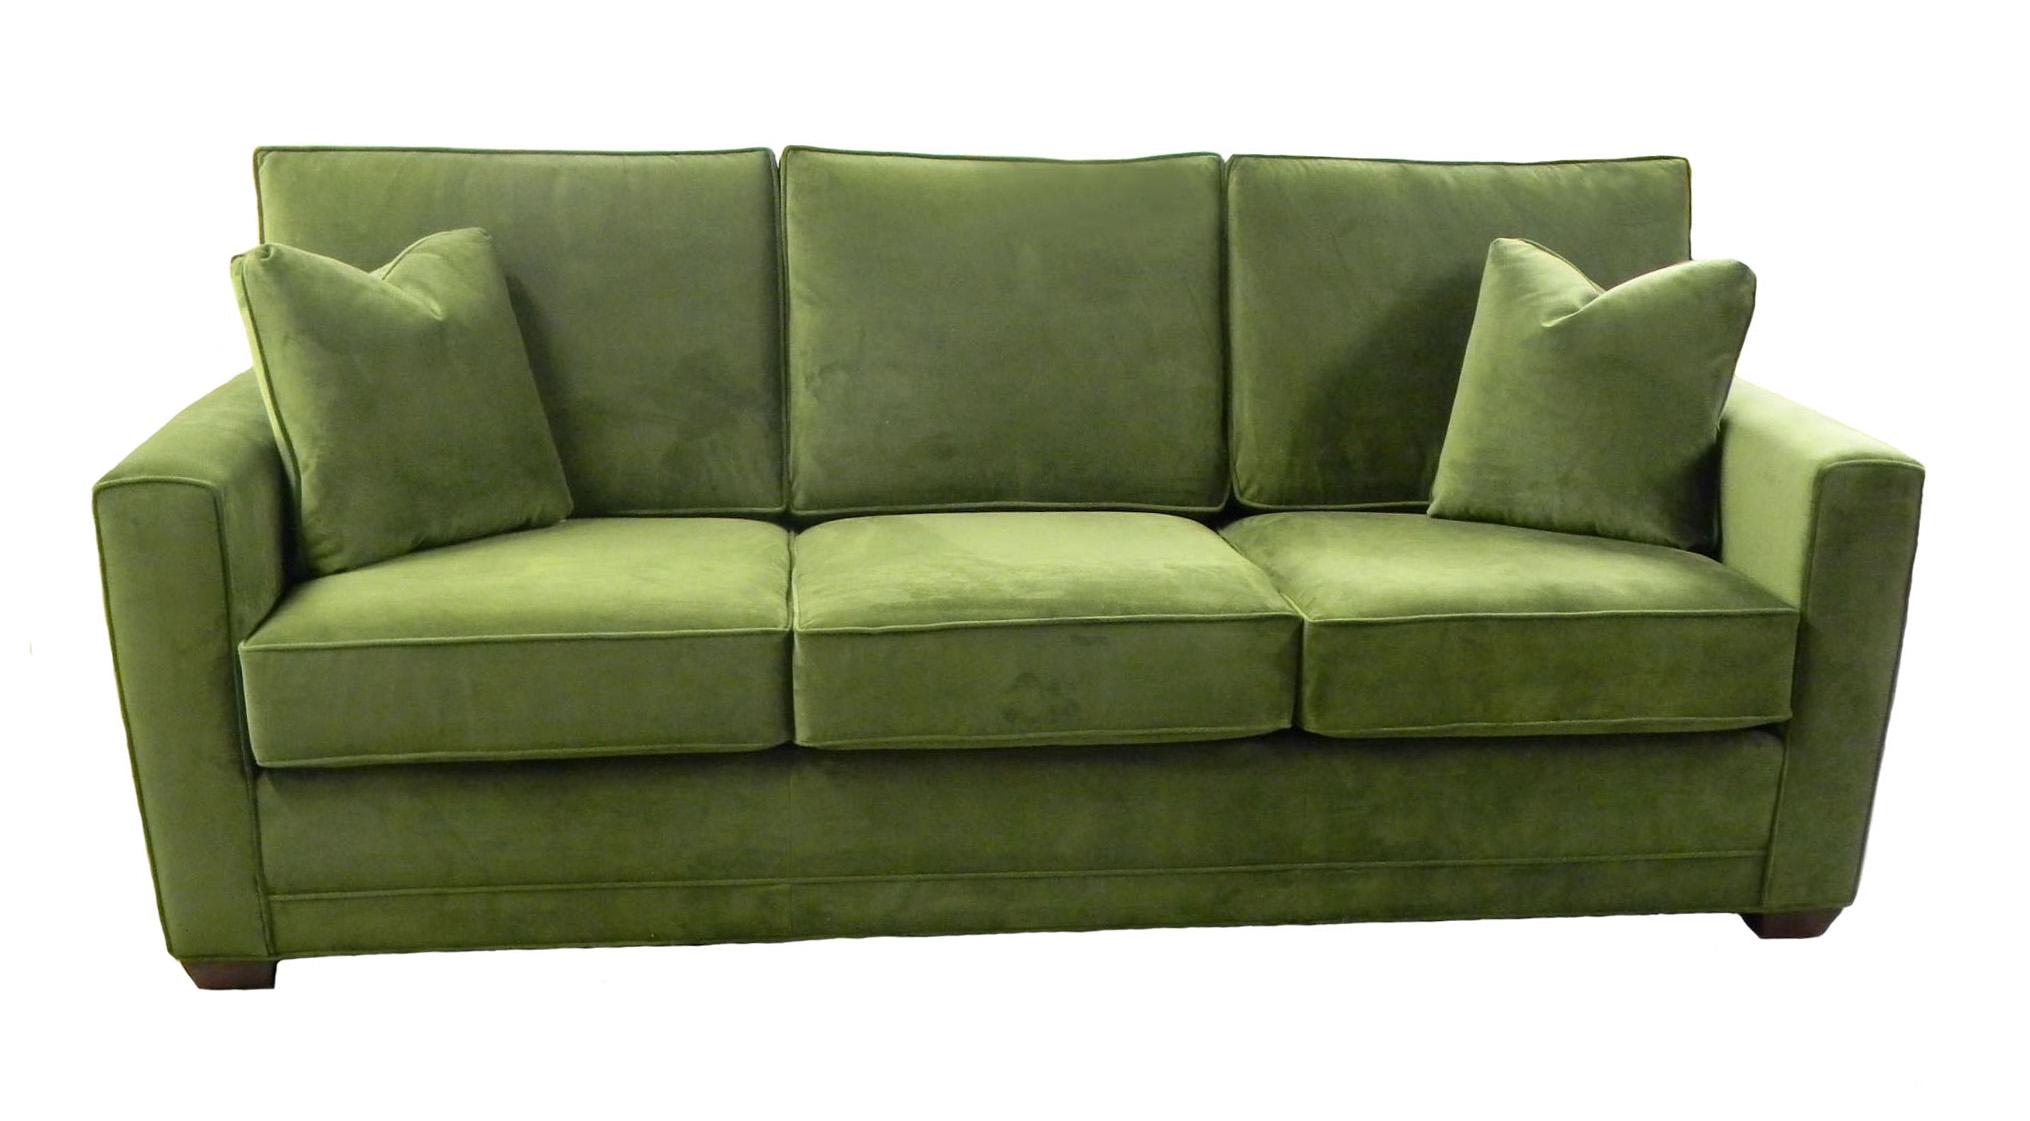 chair sleeper sofa. Henley Queen Sleeper Sofa Chair I